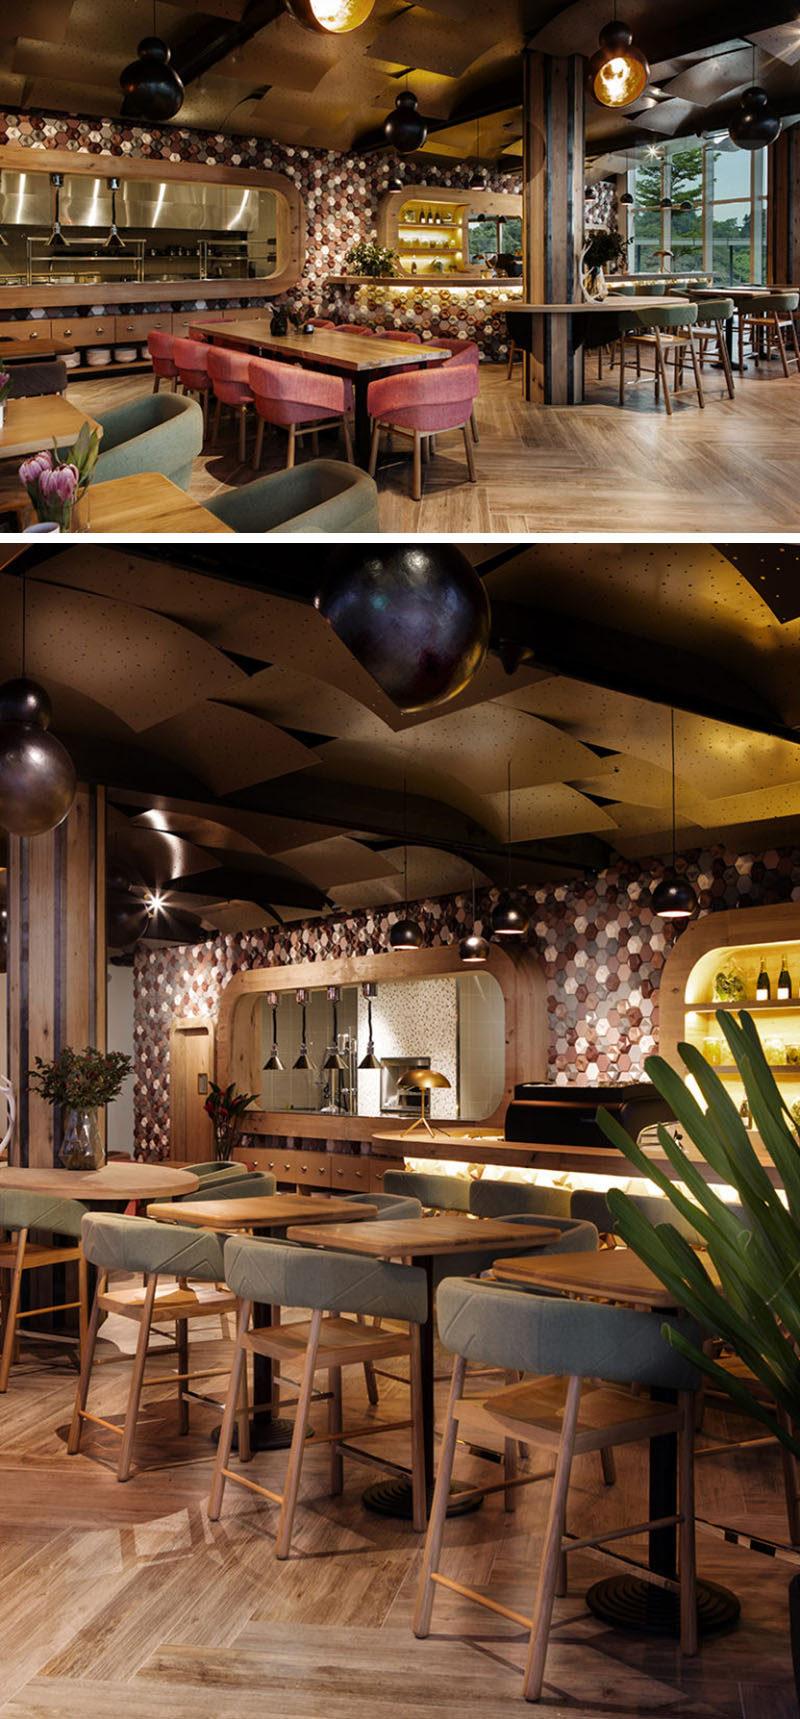 10 cửa hàng cà phê độc đáo ở Châu Á / Emma Maxwell Thiết kế đã thiết kế nội thất độc đáo Cafe Melba tại Mediapolis ở Singapore bằng cách sử dụng gạch ốp lát hình lục giác 3 chiều, thủ công.